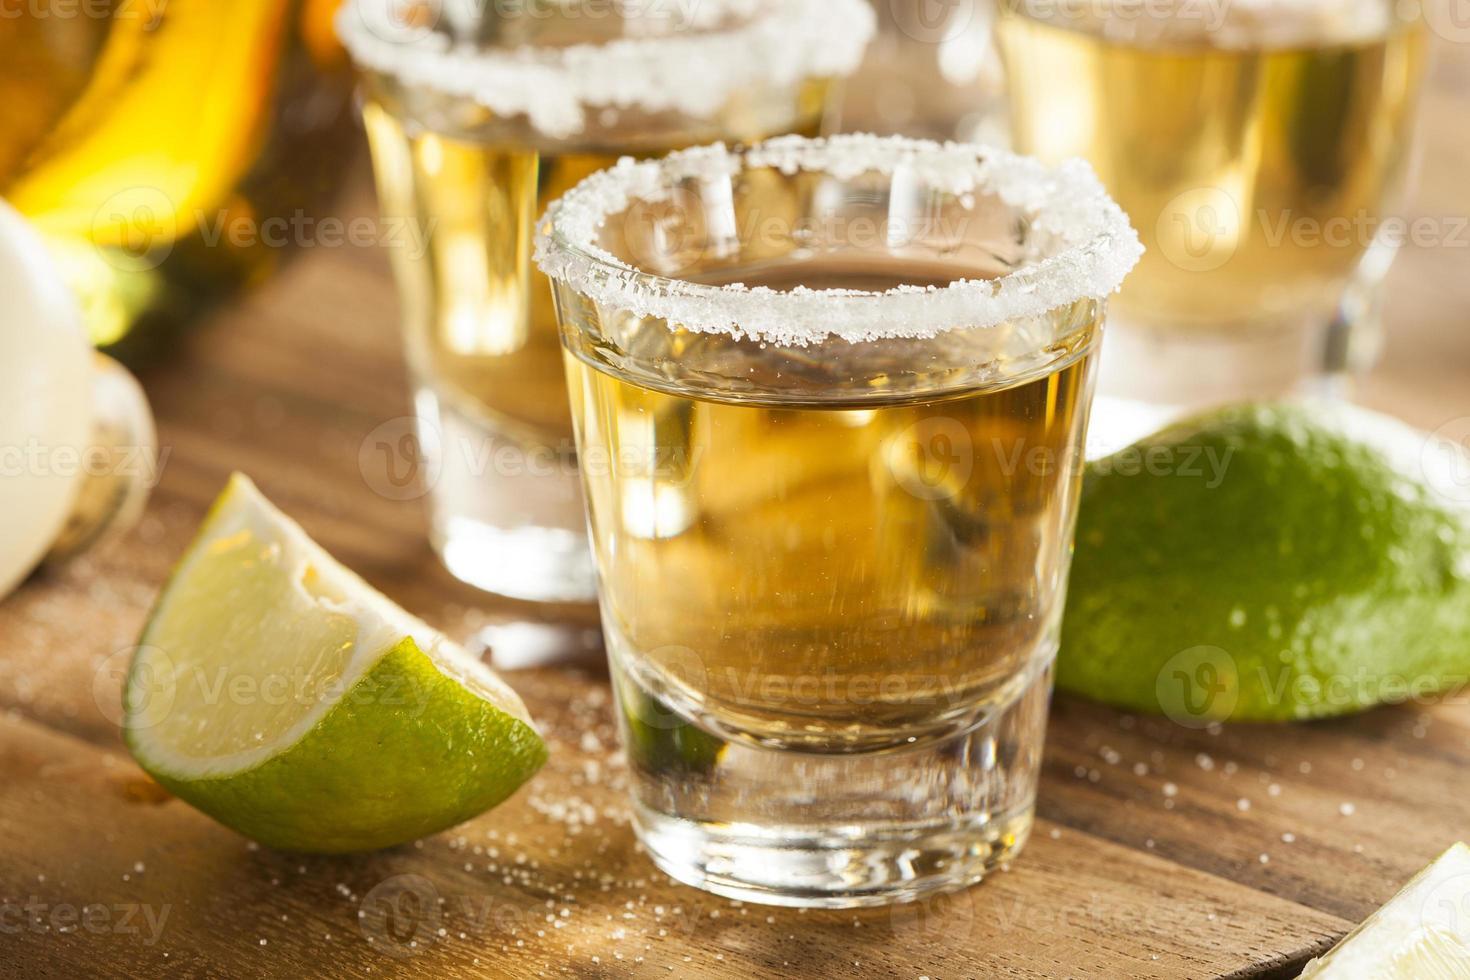 doses de tequila com limão e sal foto